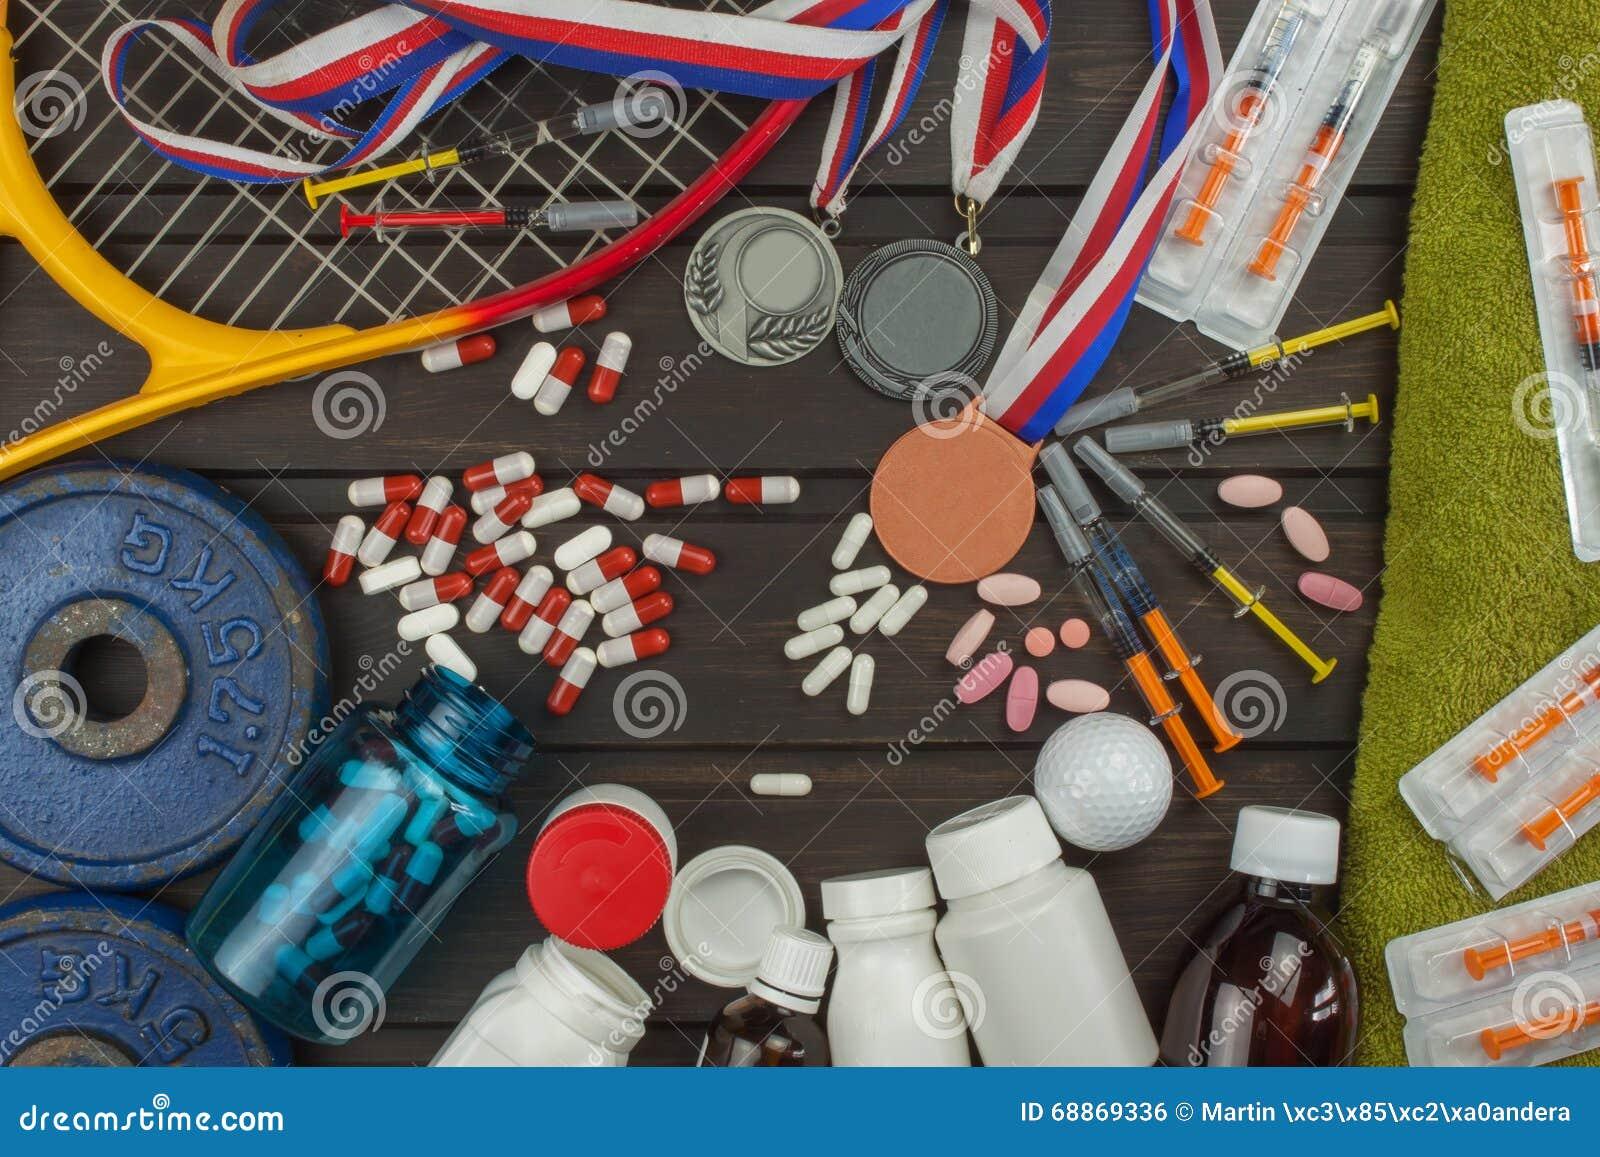 Engaño en deportes Doping para los atletas Scammers en el deporte Abuso de los esteroides anabólicos para los deportes